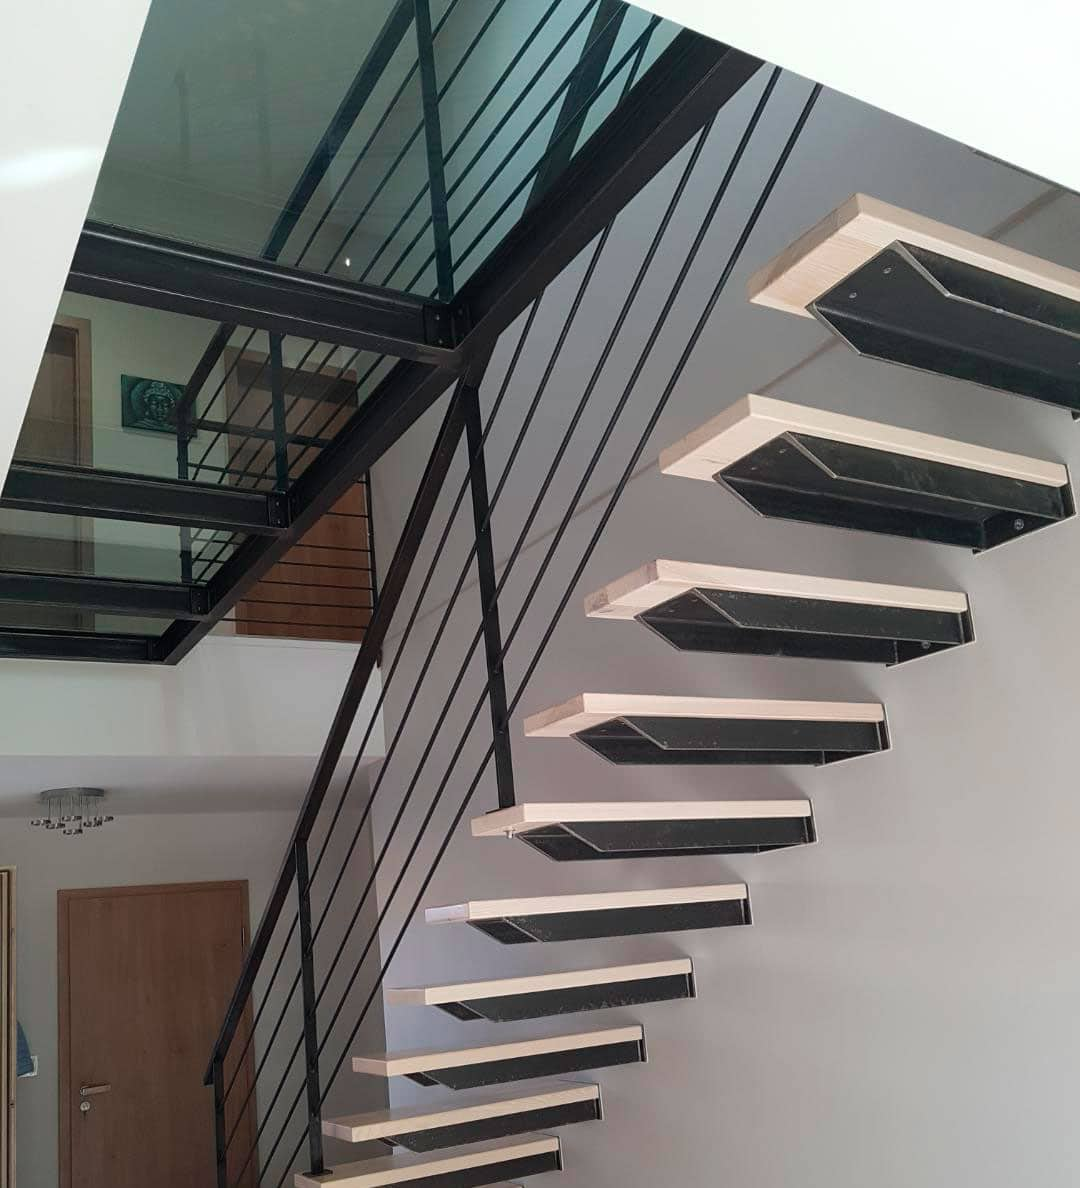 Escalier fer bois autoportant, garde corps acier et plancher en verre